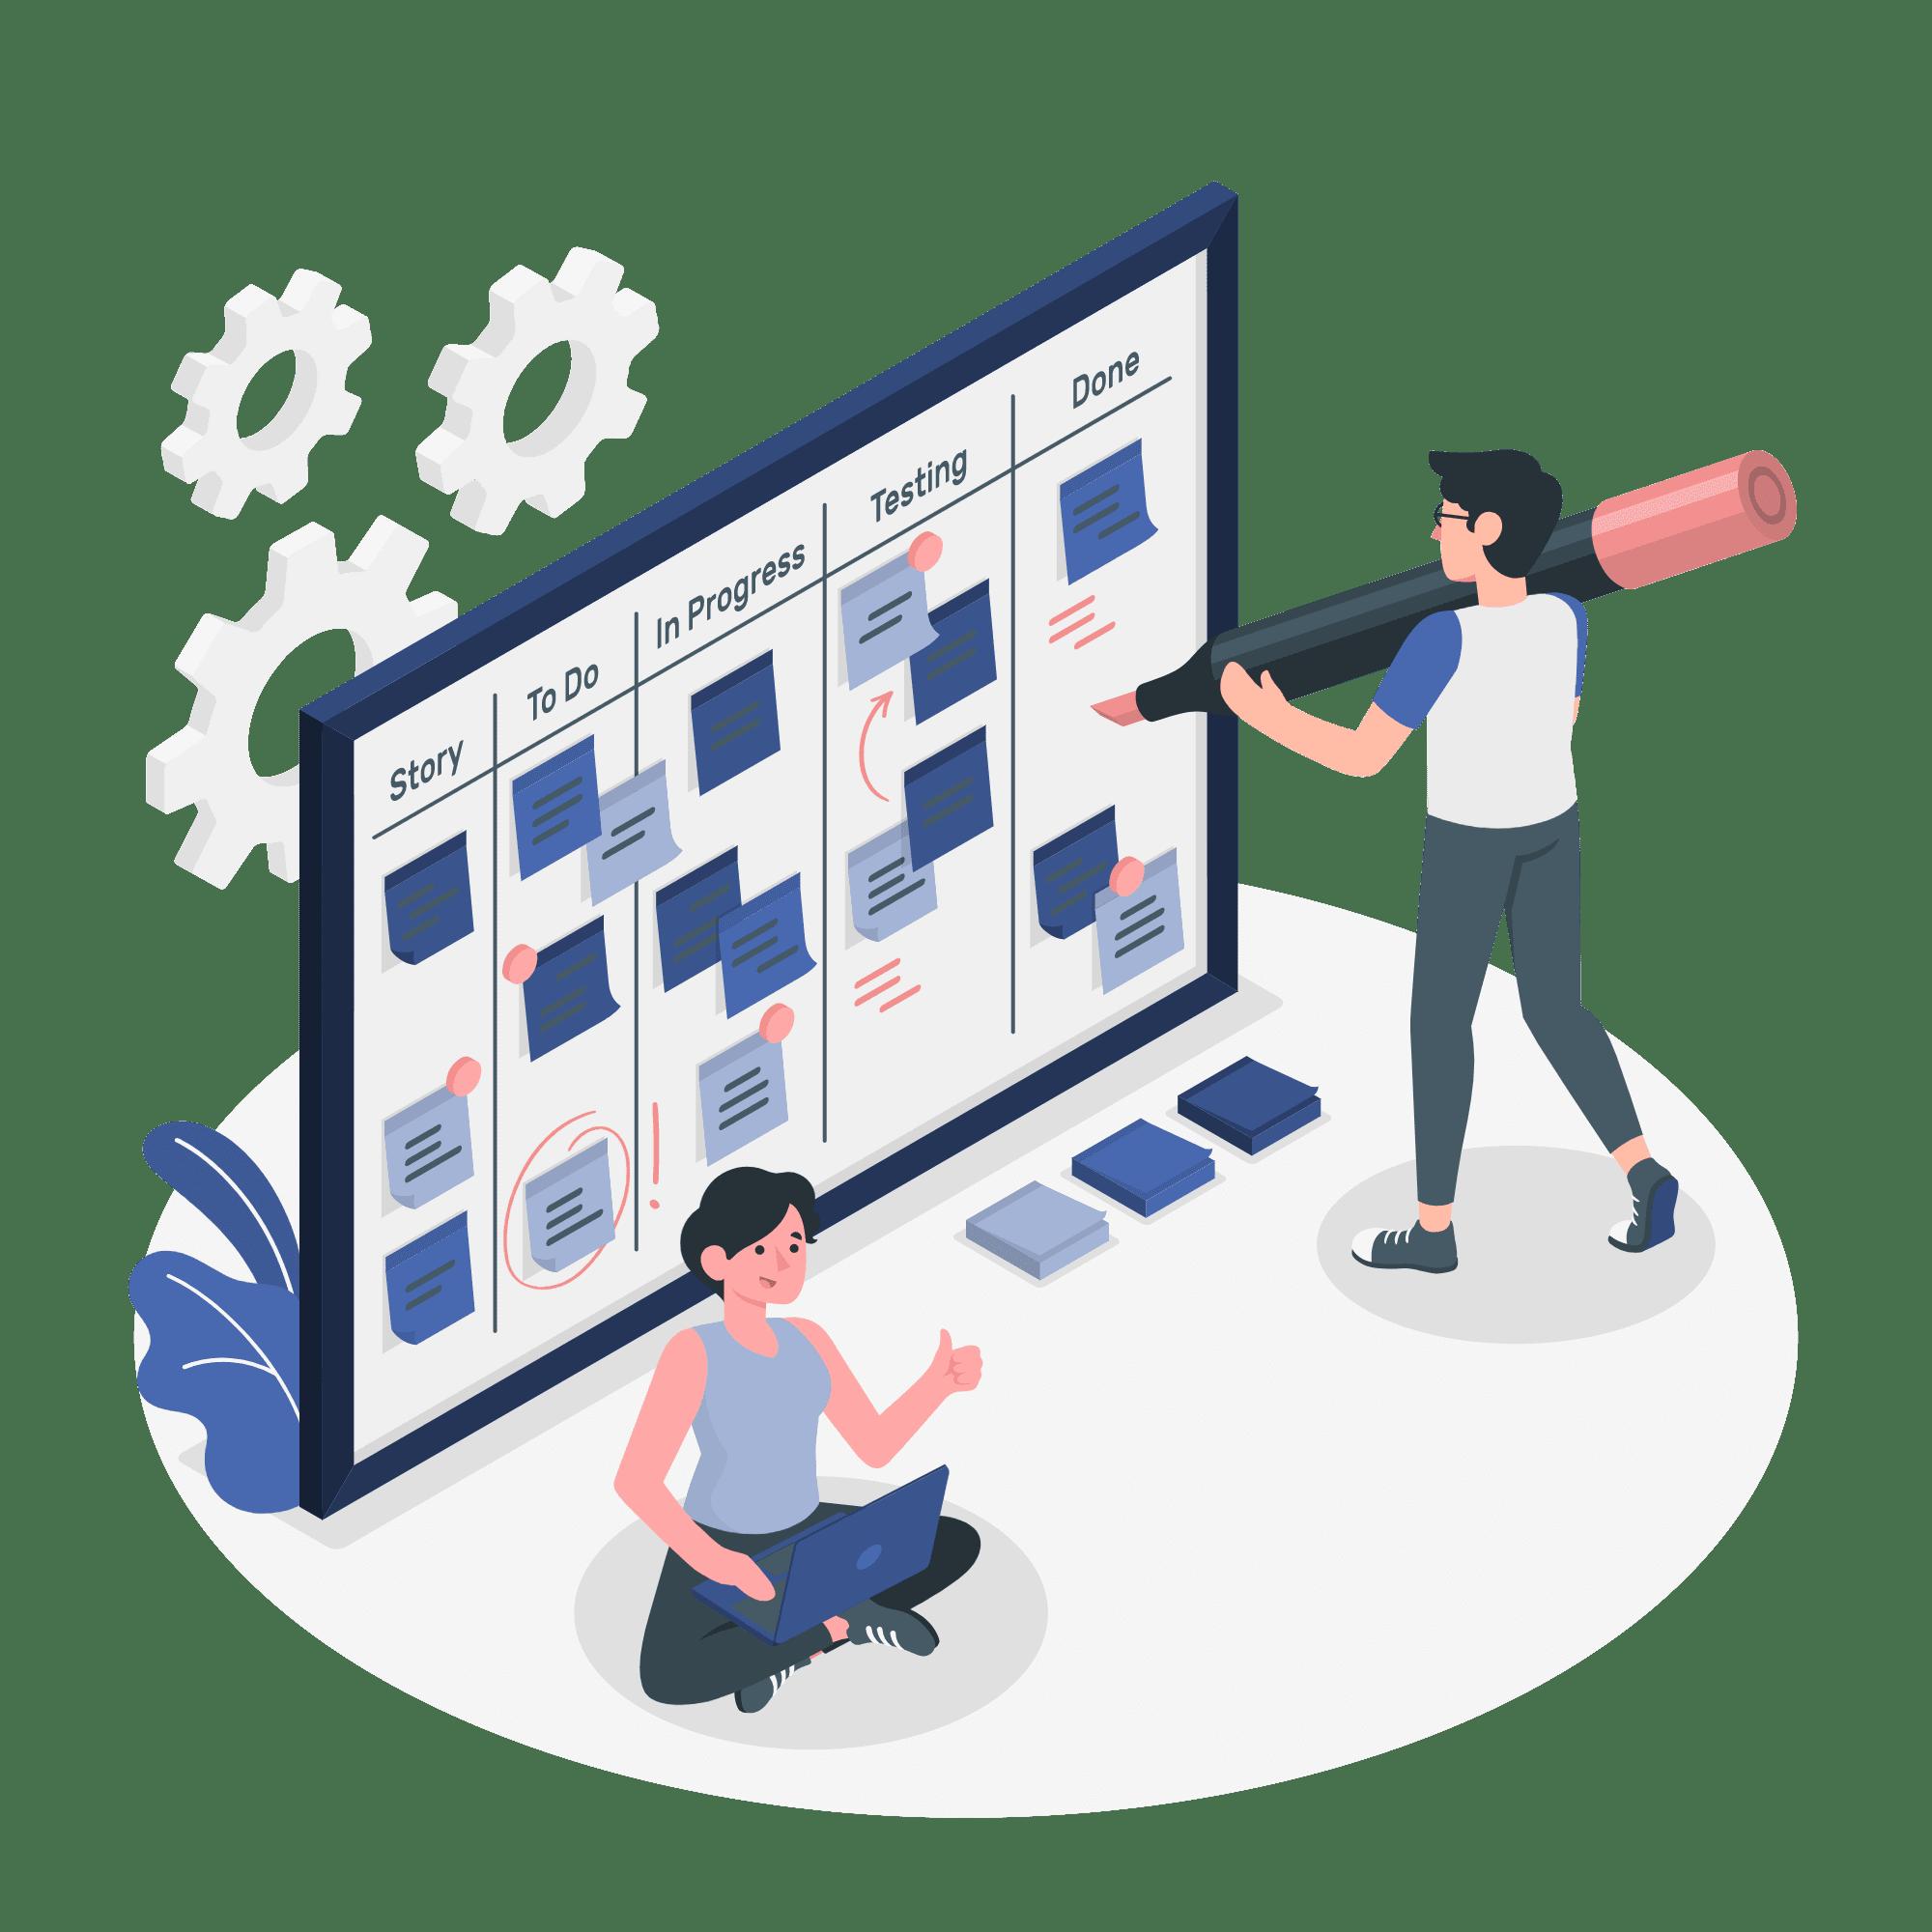 Media planning vector illustration